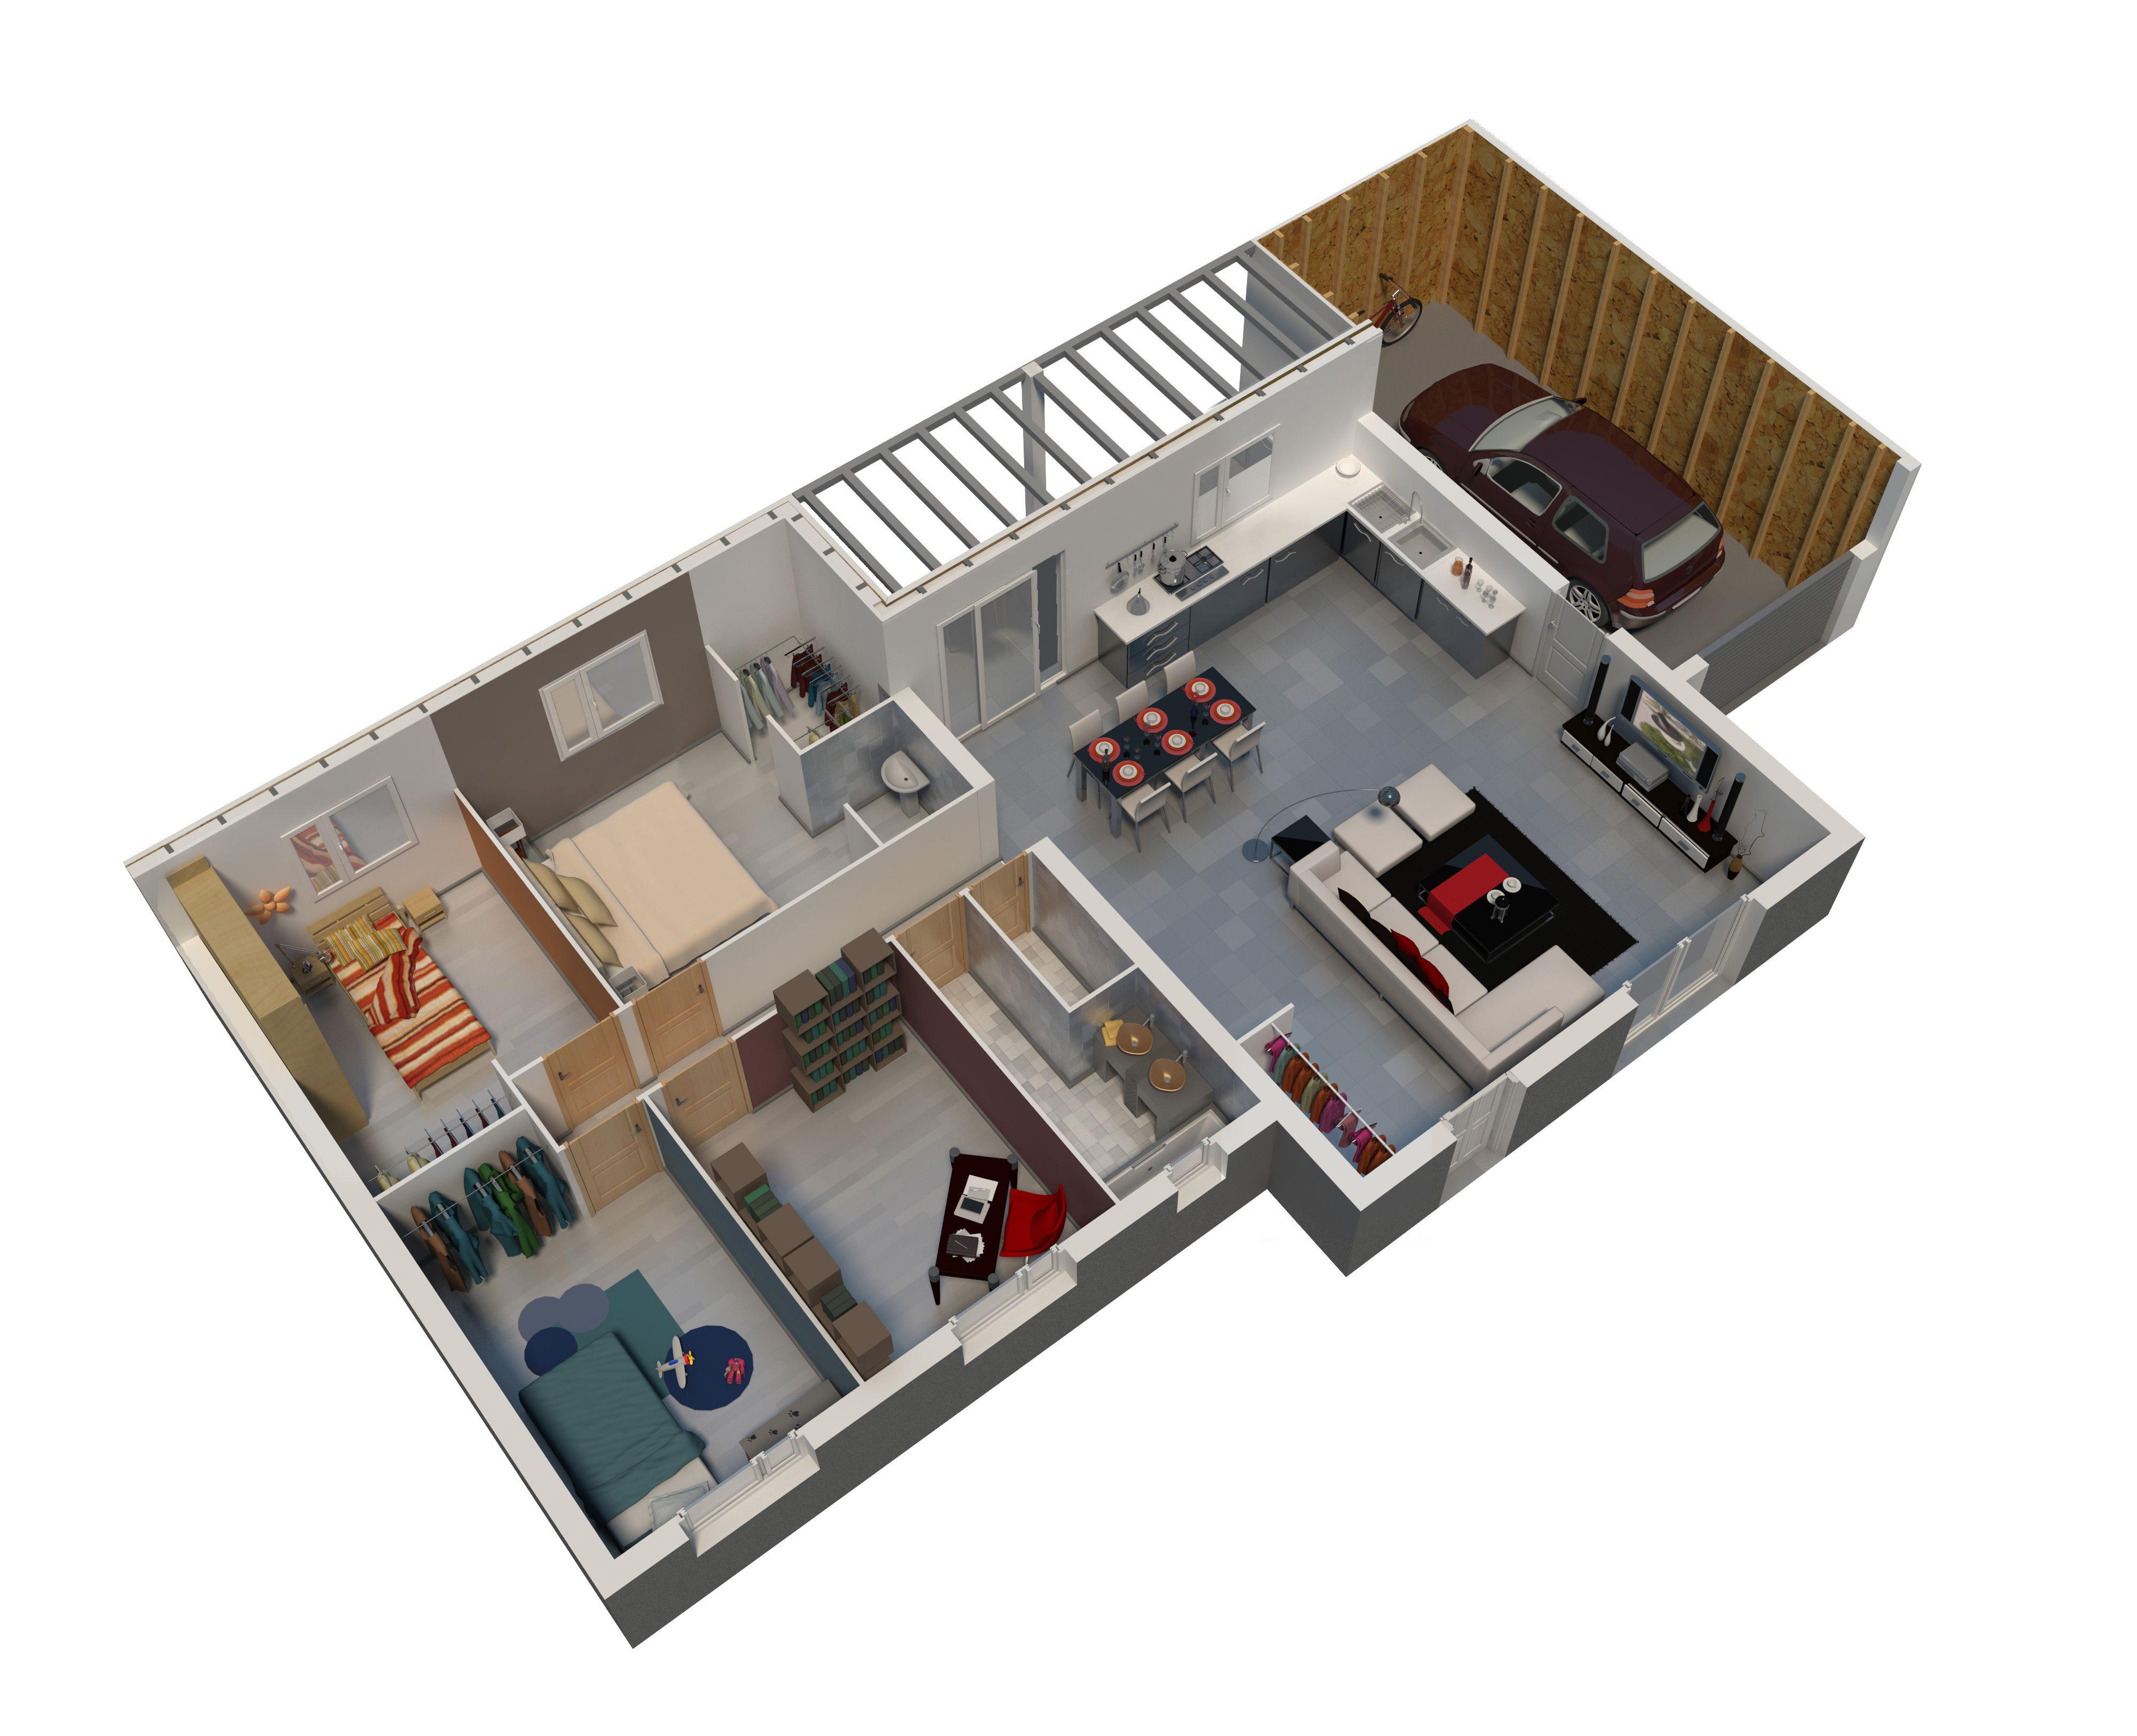 Pingl par marion brissonnet sur plan maison pinterest for Modele maison minecraft